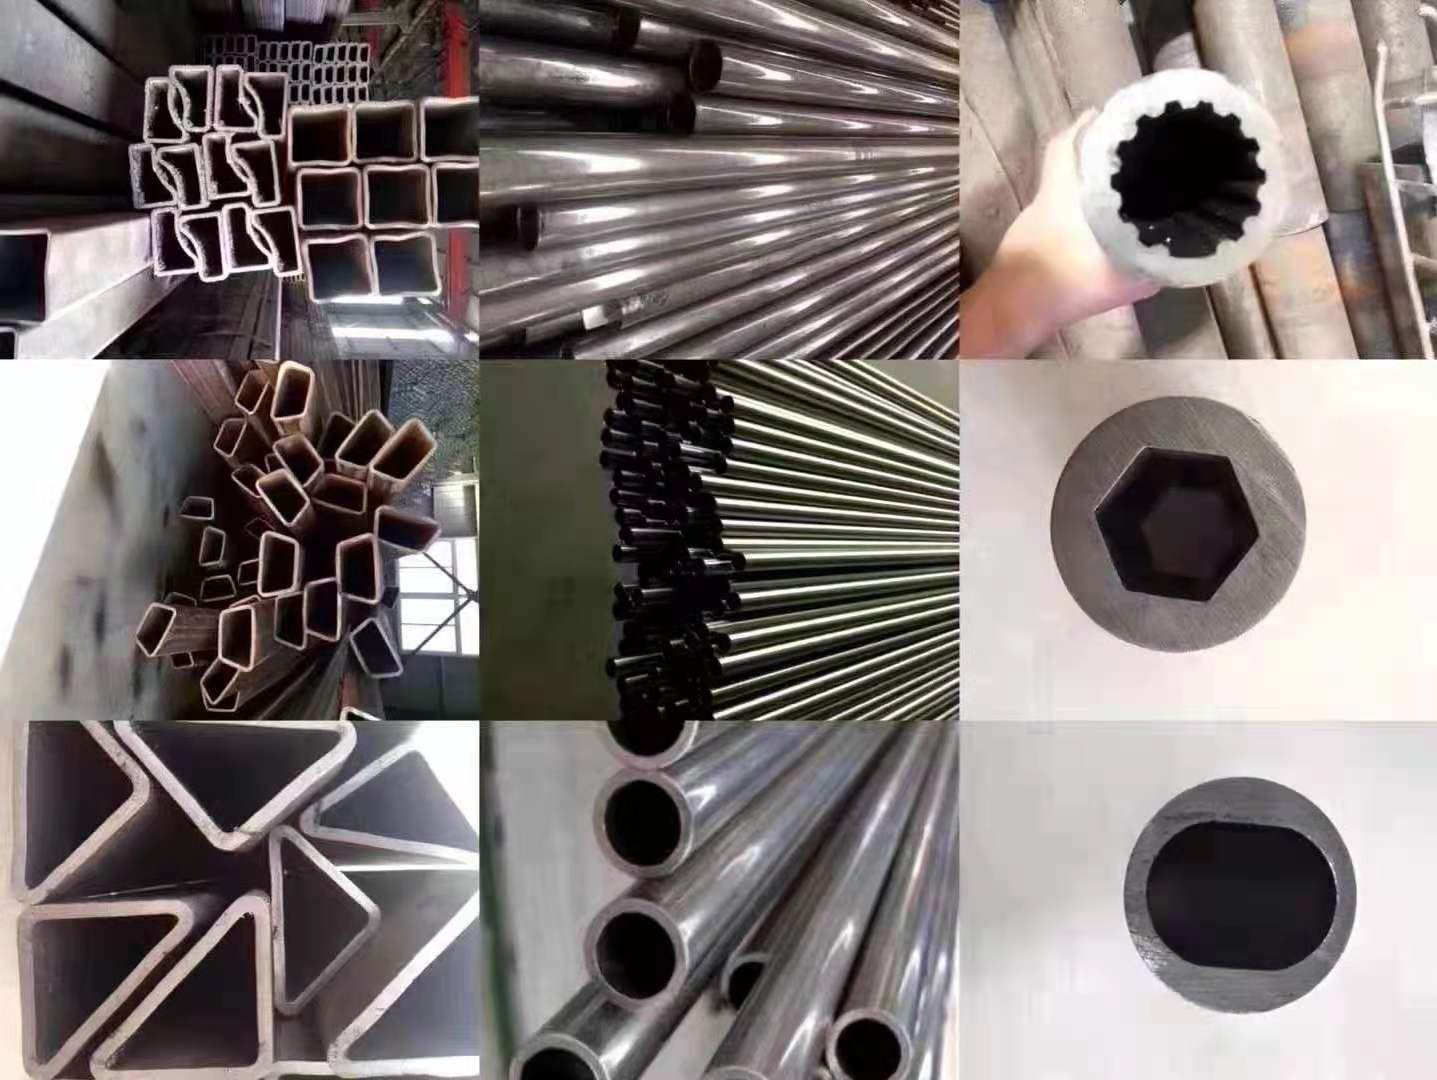 冷拔异型钢管-六角钢管-八角钢管-椭圆钢管-锥形钢管-睢宁六角钢管生产厂家